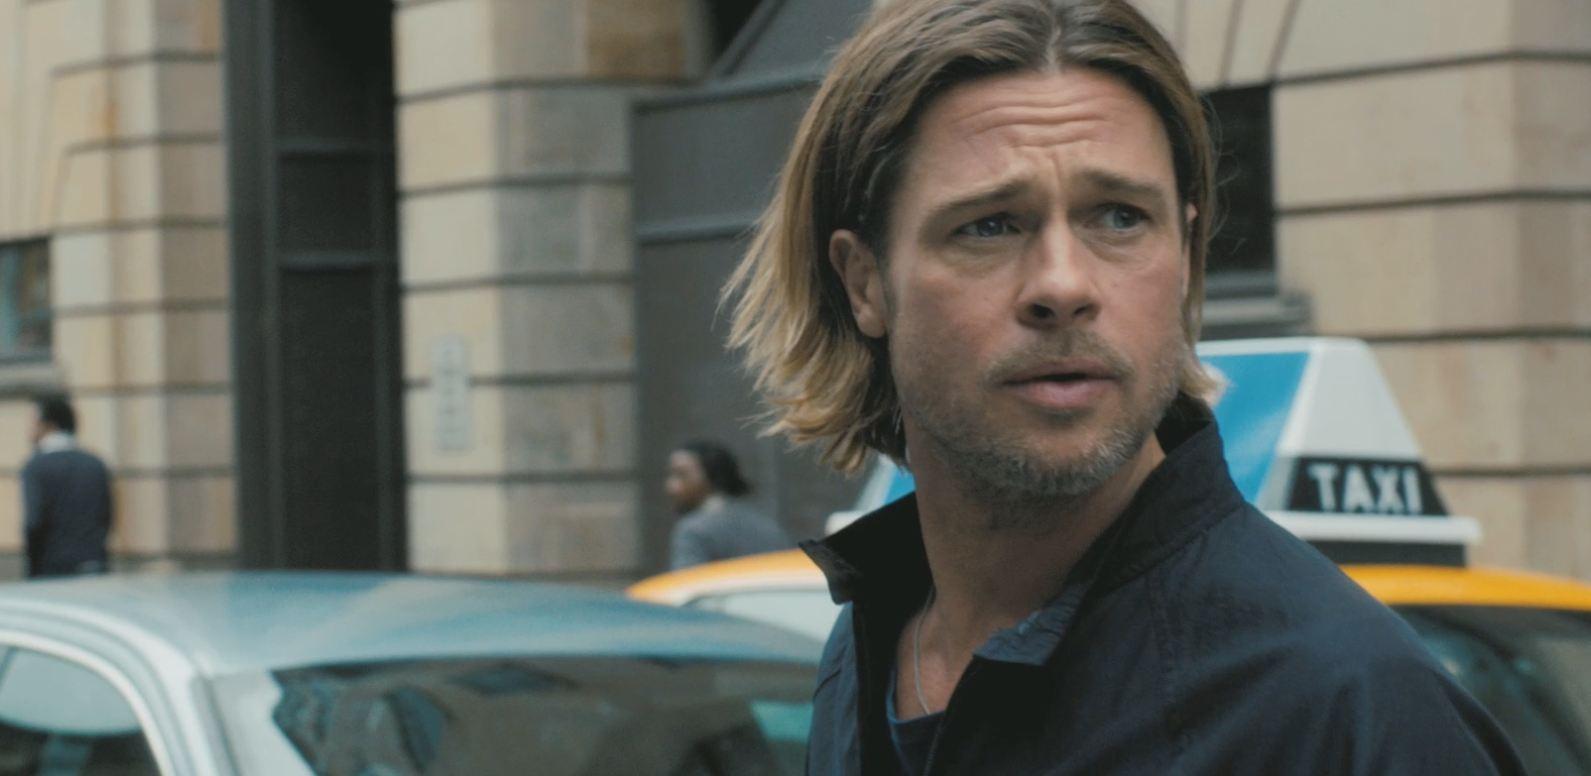 Brad Pitt 2013 World War z World War z Movie Brad Pitt